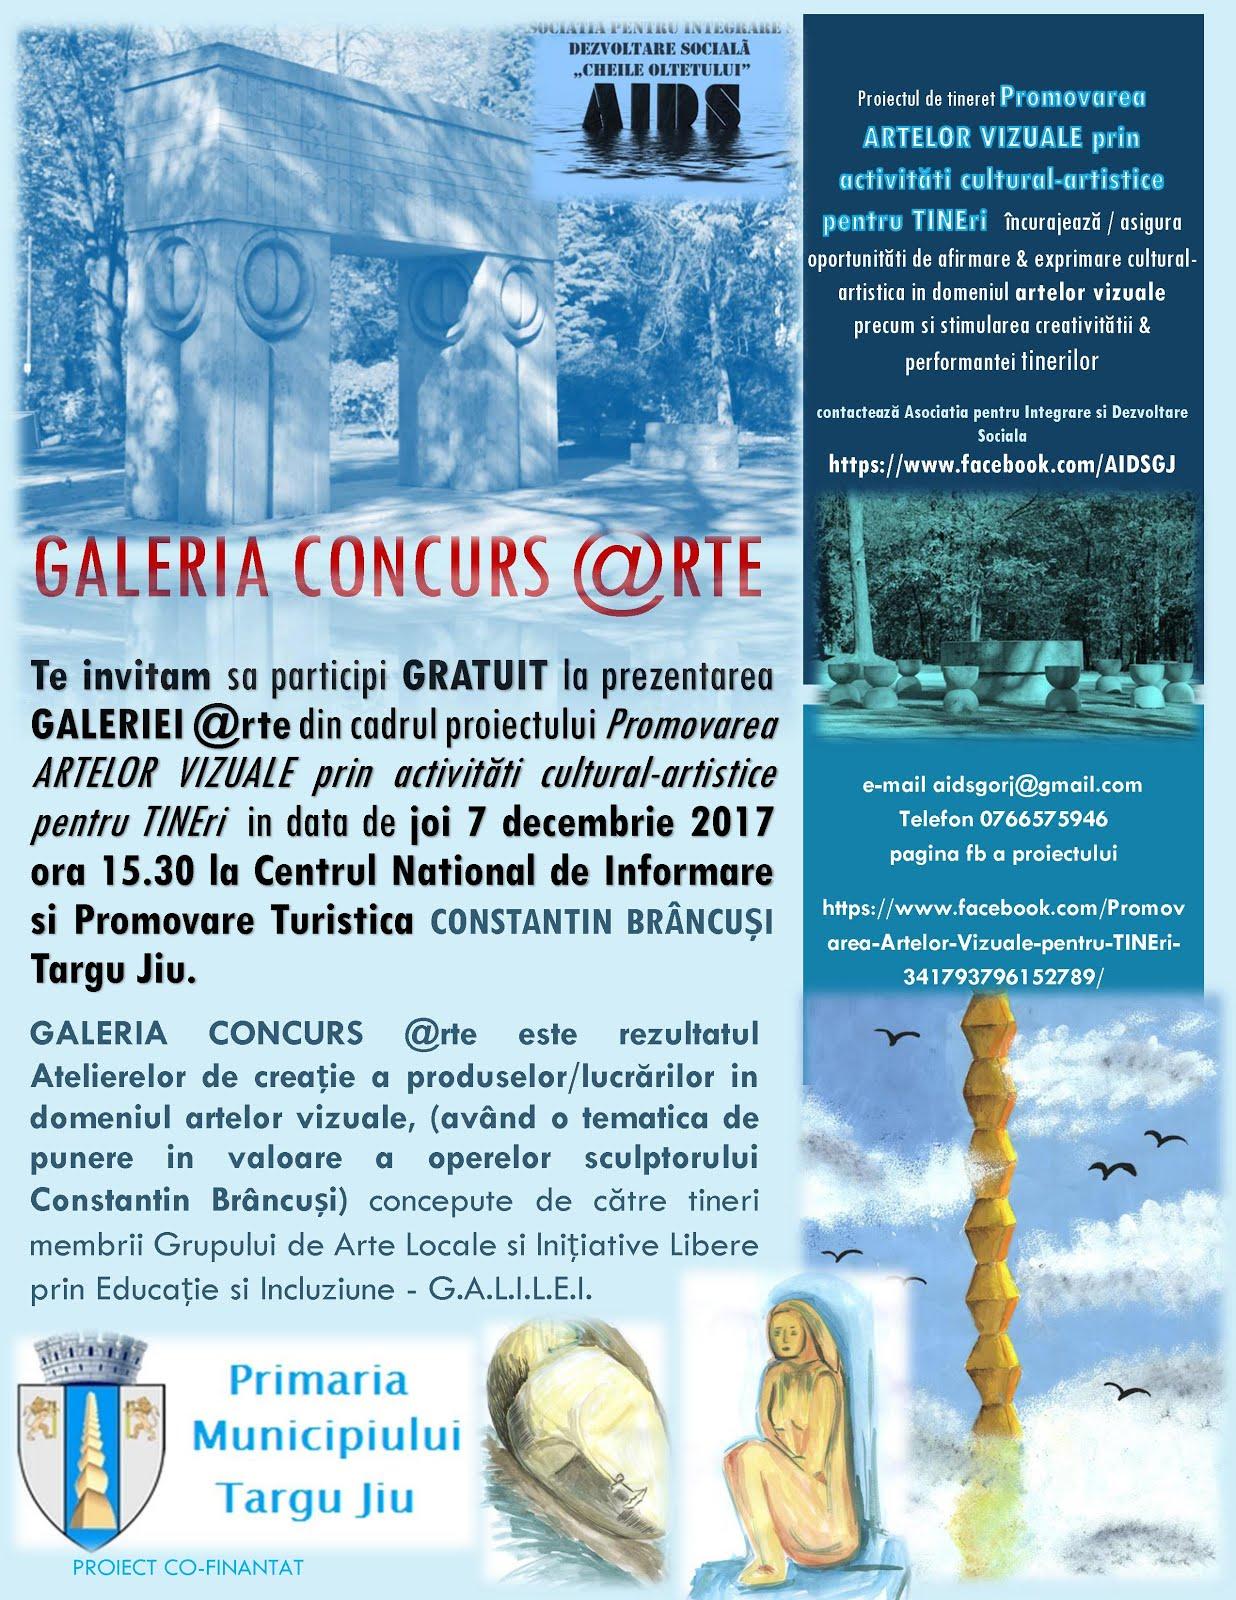 GALERIA CONCURS @rte - din cadrul proiectului Promovarea ARTELOR VIZUALE prin activităti cultural-a